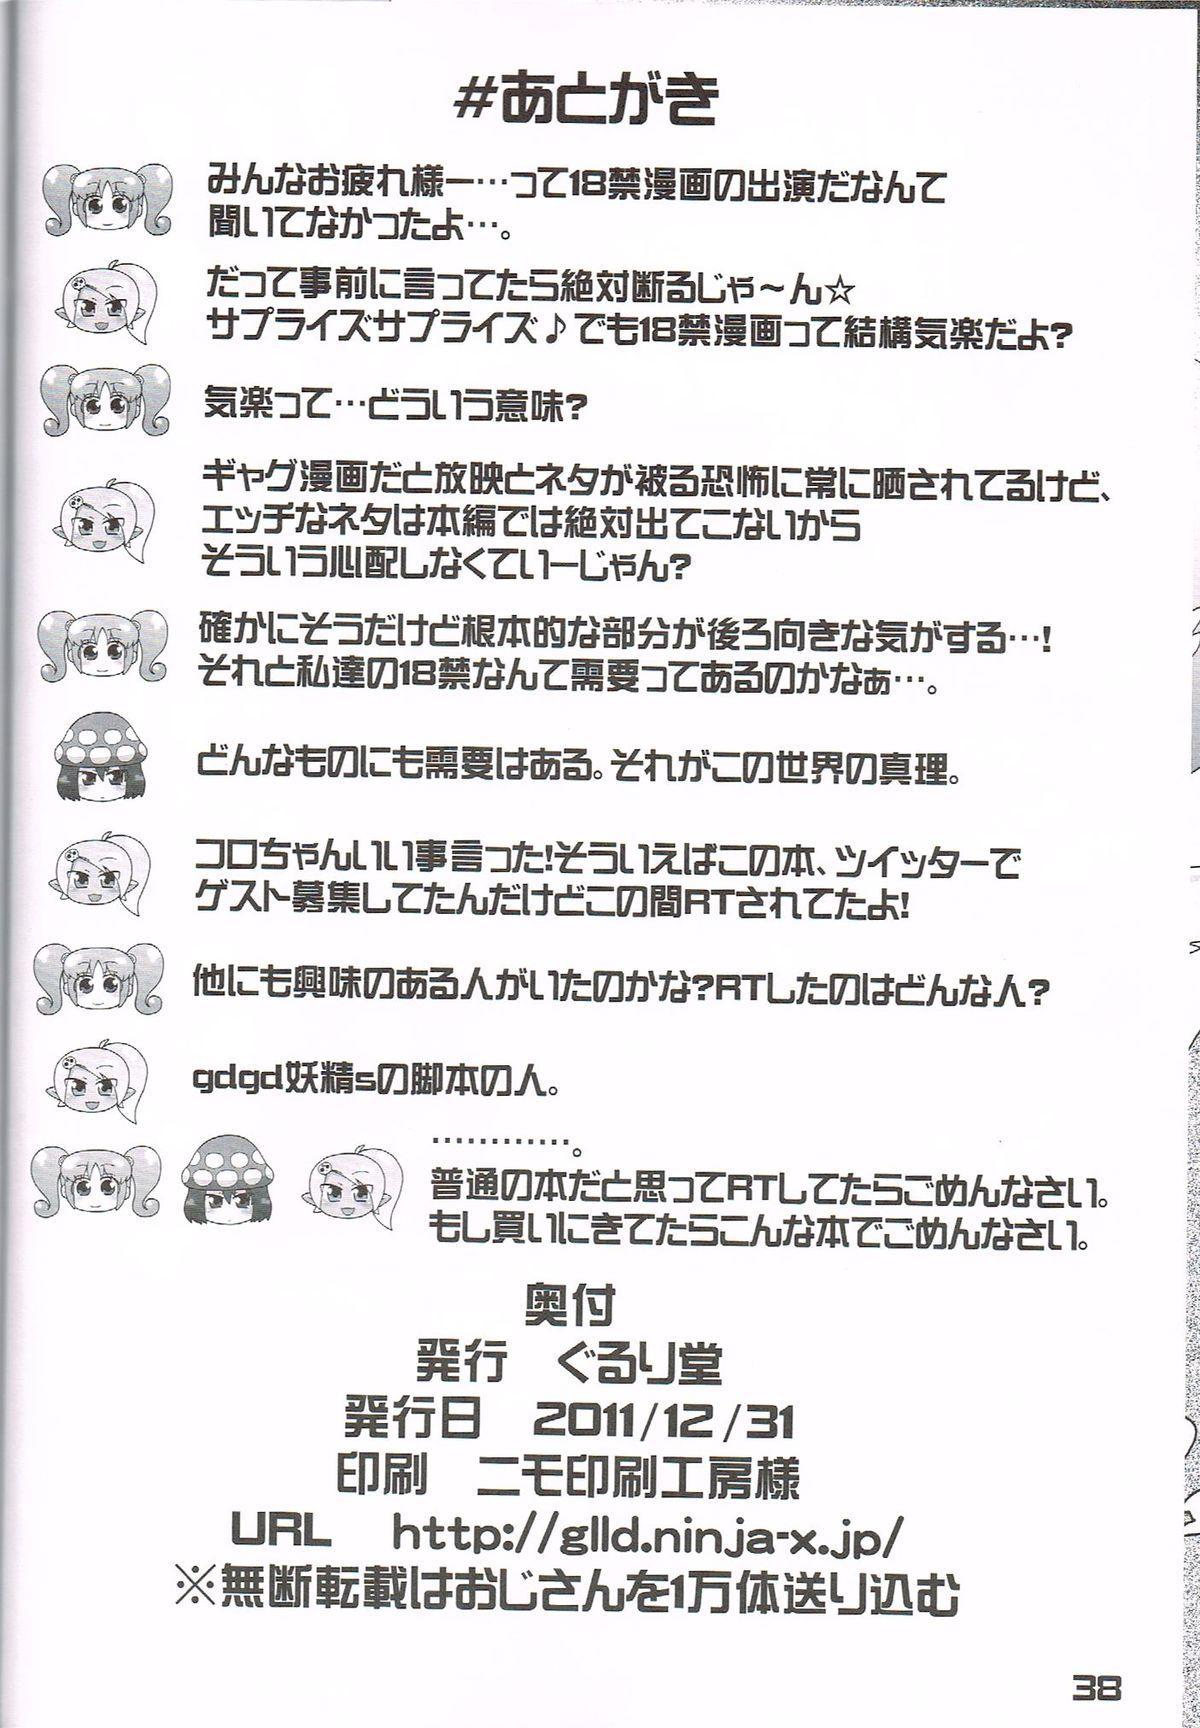 """Hatashite Konofuyu Nansatsu no Doujinshi ga """"○○ Fairies"""" Toiu Title Darouka 36"""